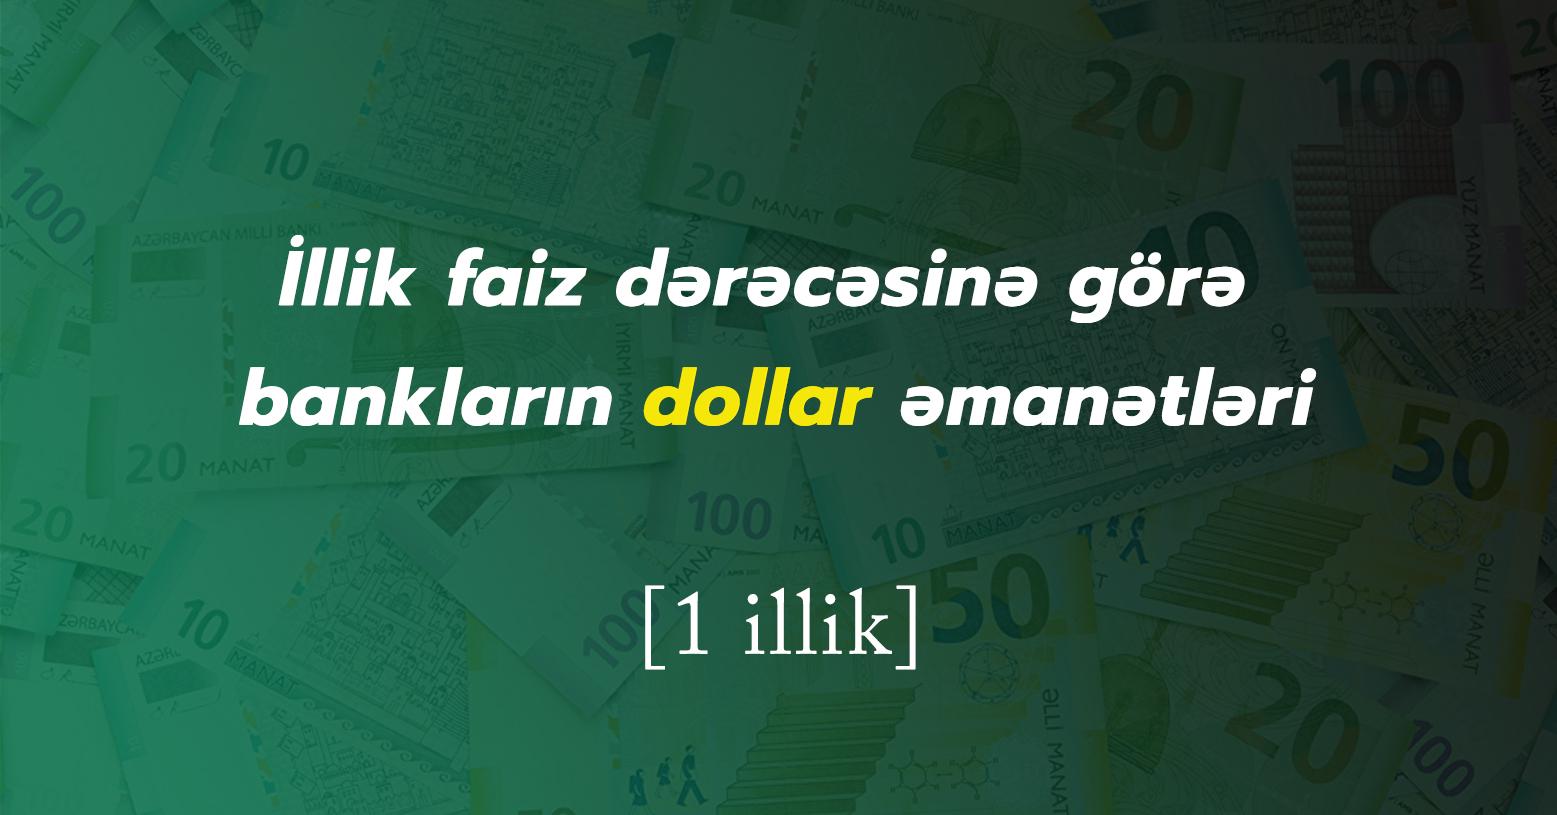 Dollar əmanəti hansı banklarda daha sərfəlidir? - Aprel 2021